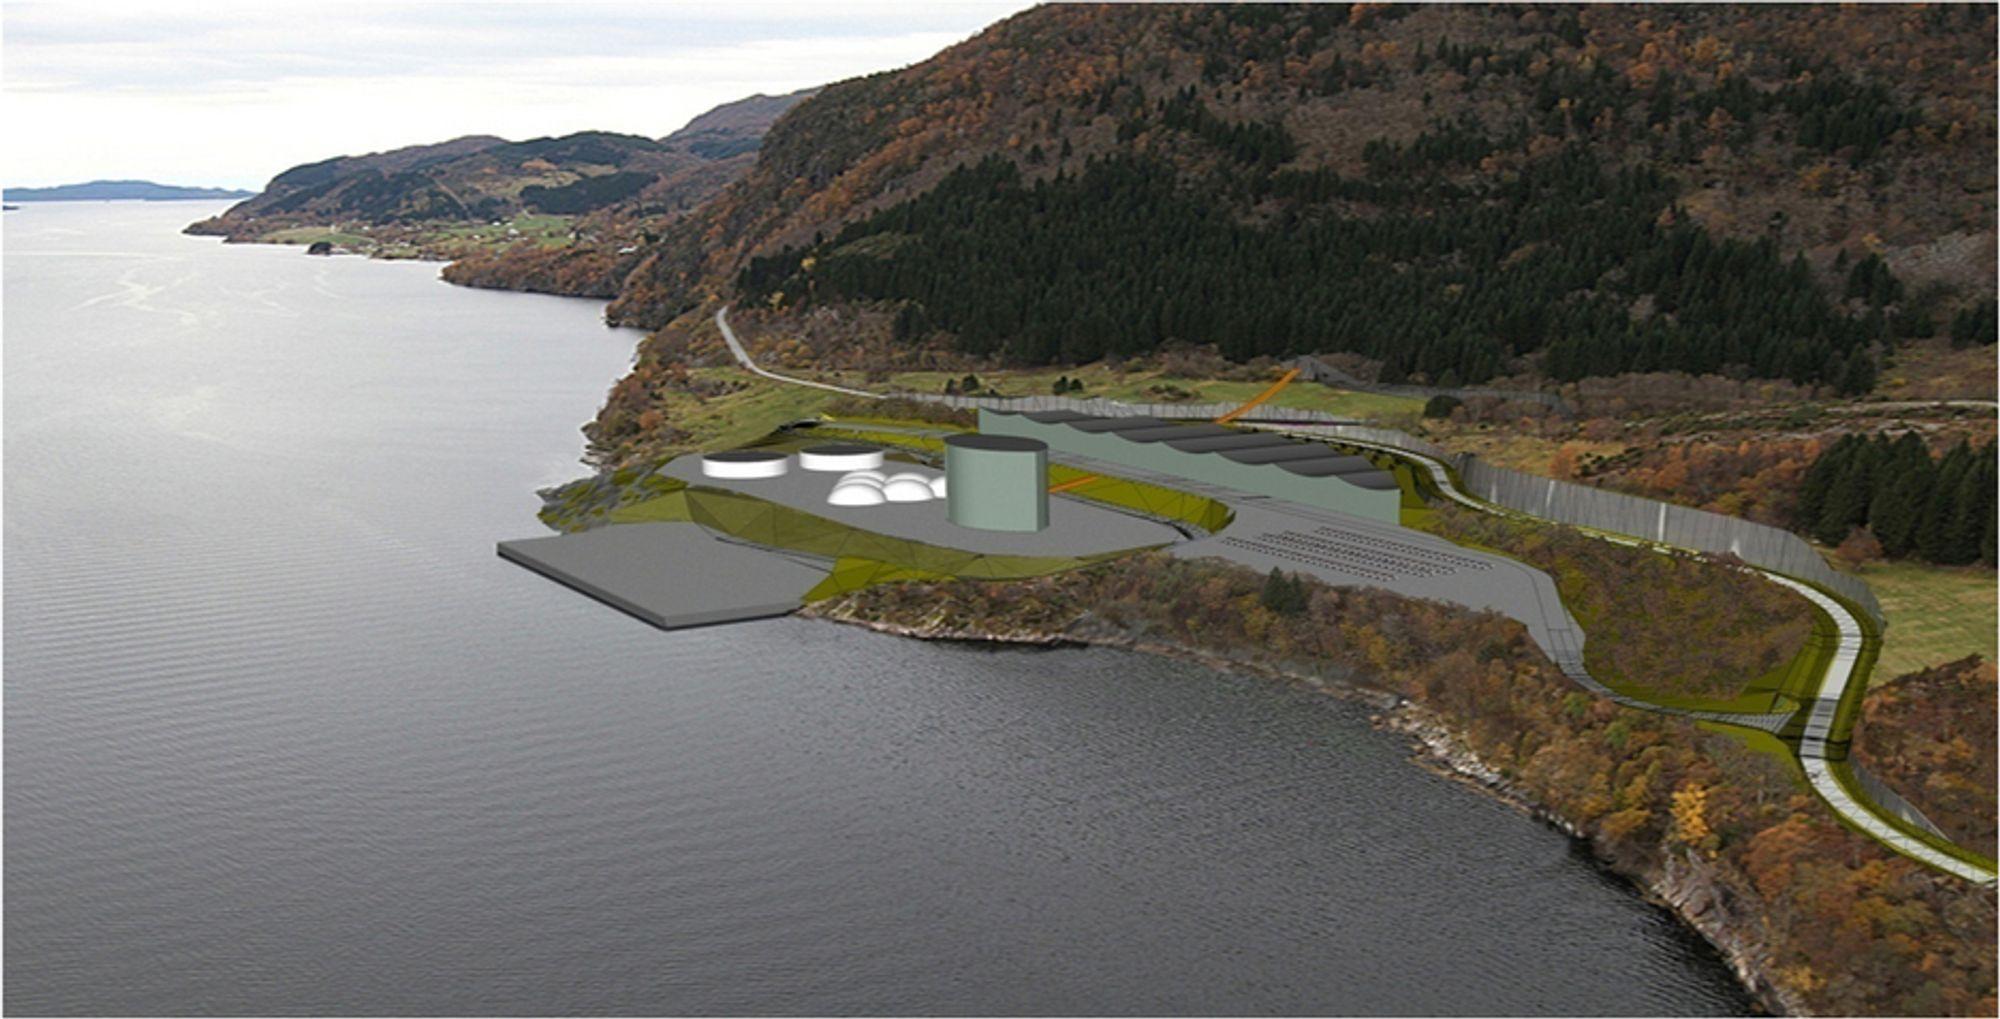 STRIDENS KJERNE: Slik kan prosessområdet på Engebø i Naustdal kan utformes i fremtiden. Spørsmålet er hvor steinmassene skal lagres.